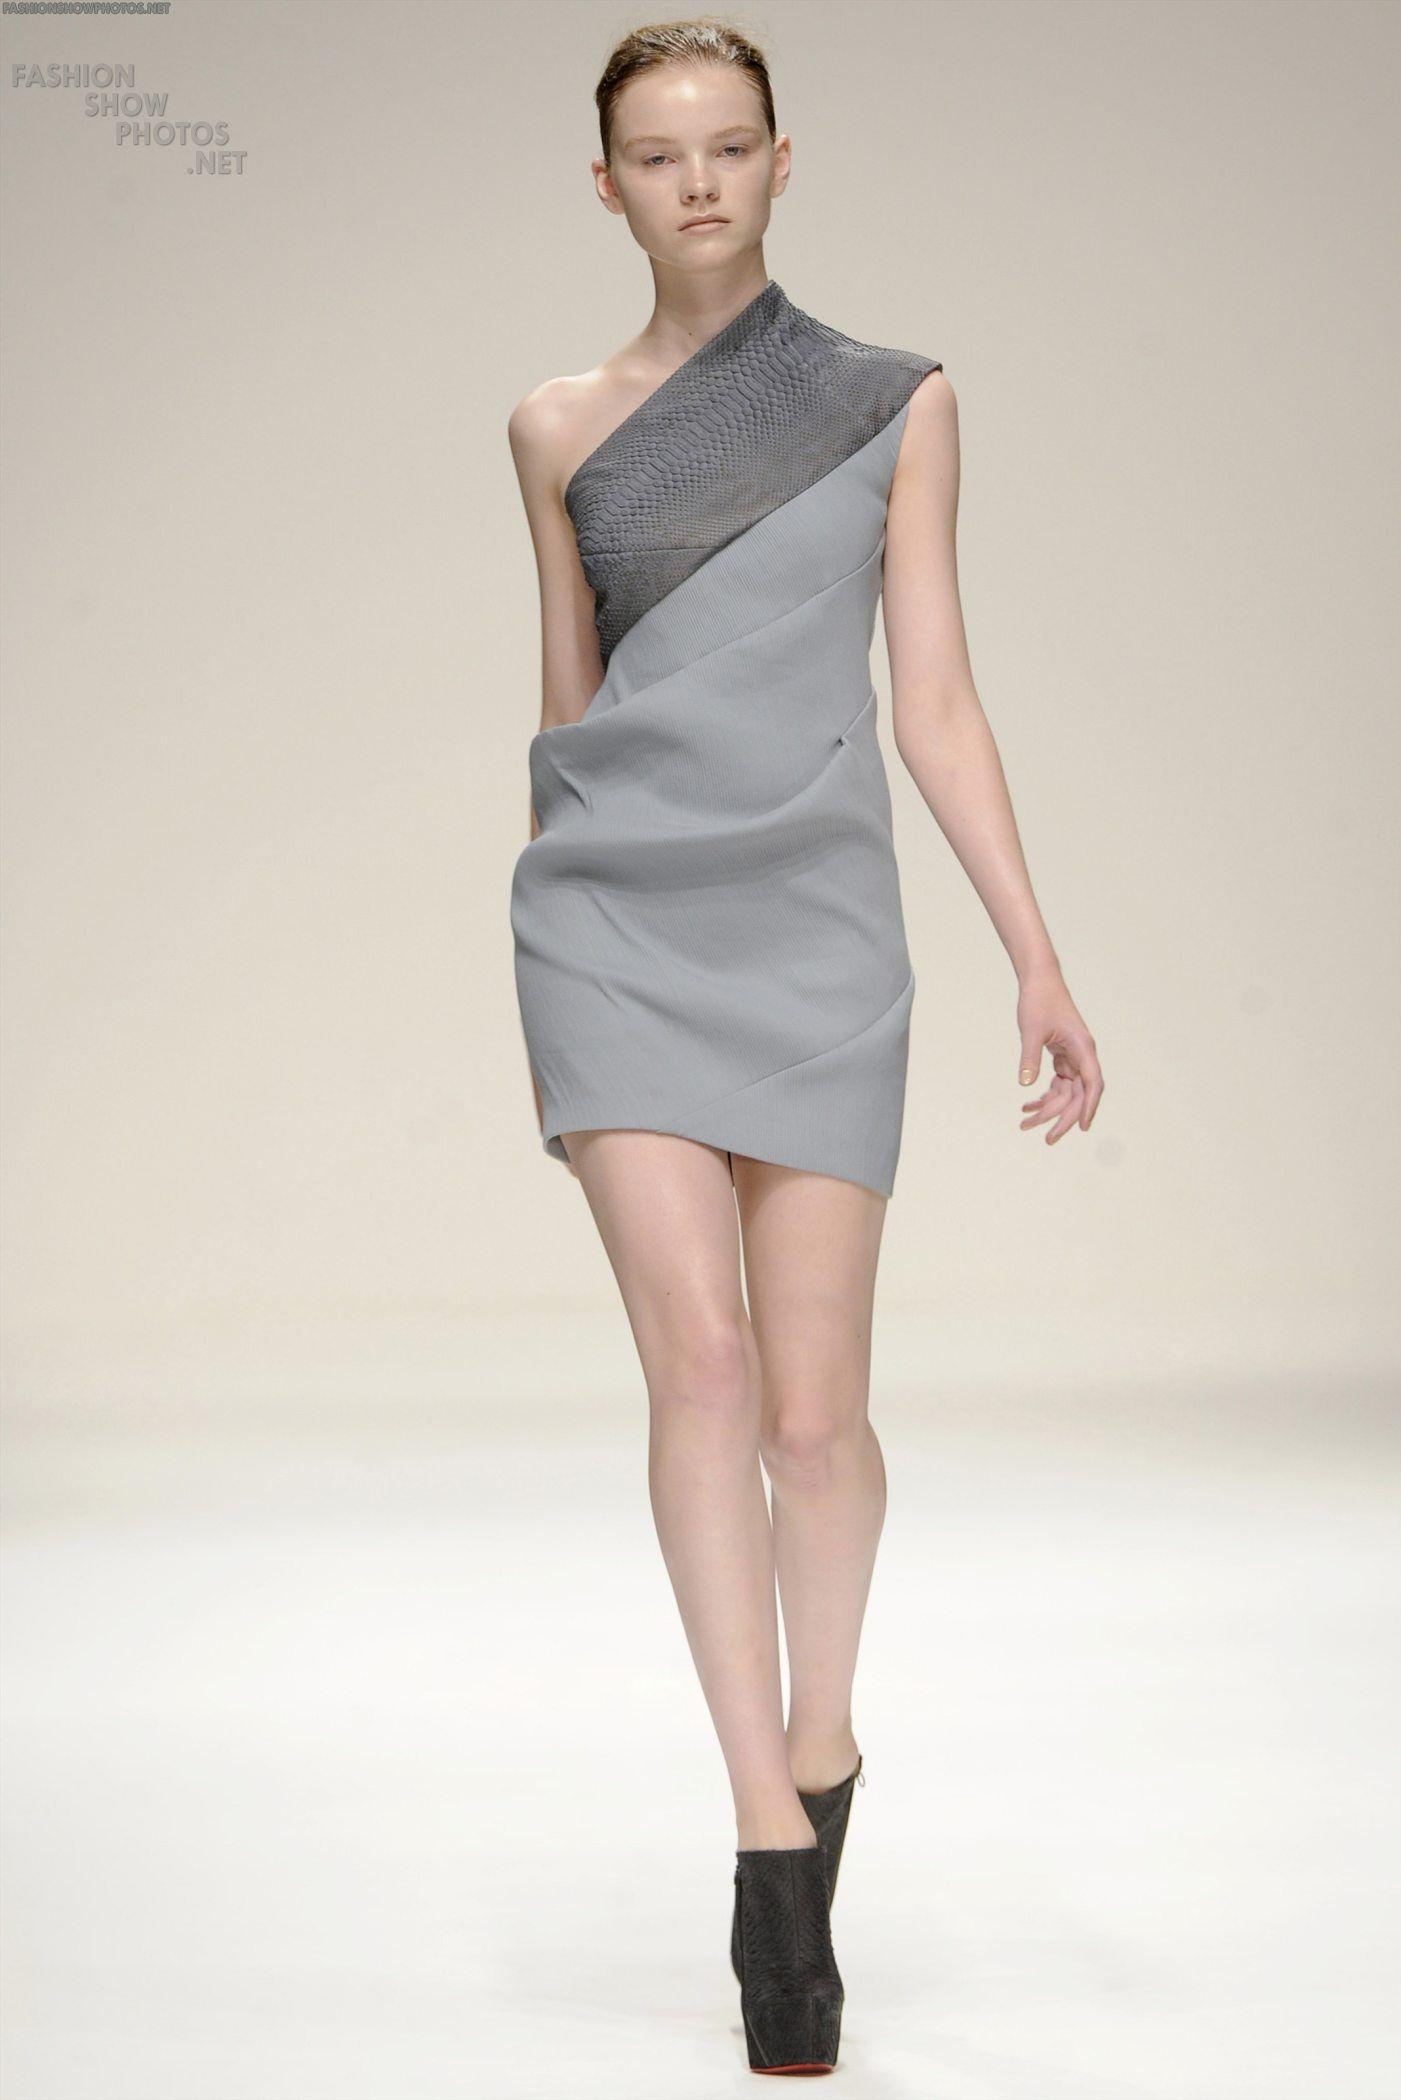 Asymmetrical two-toned dress